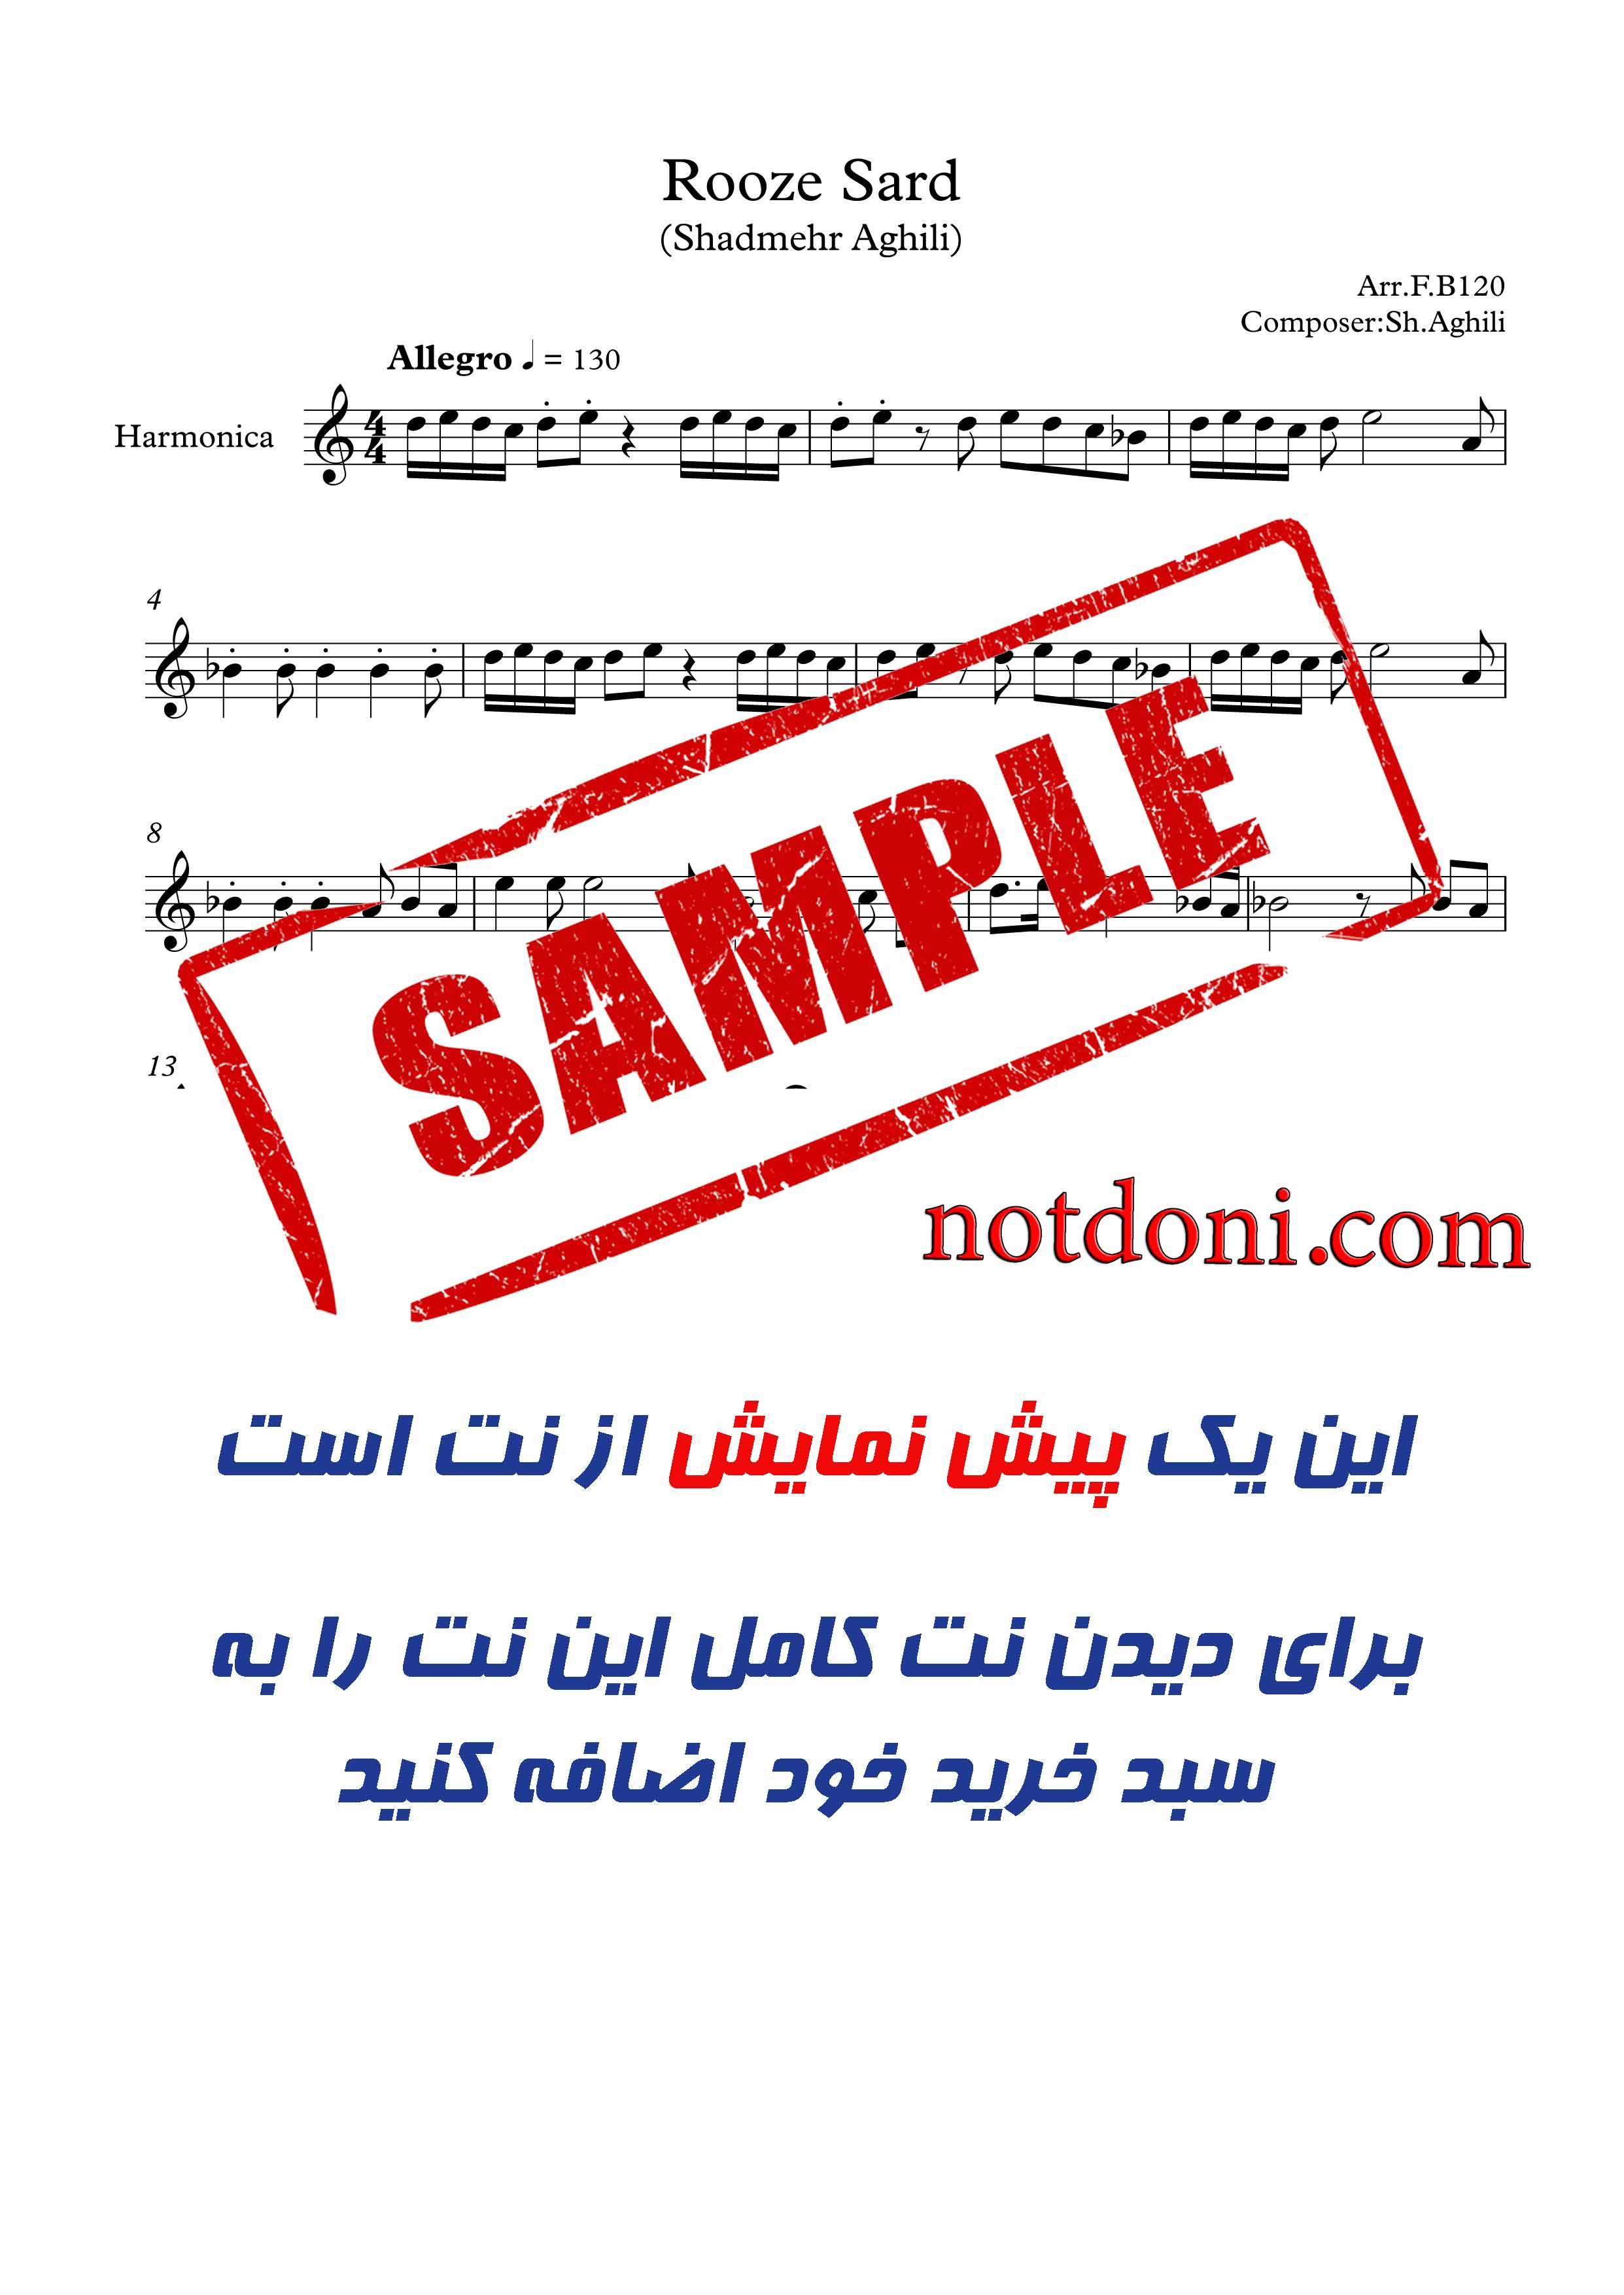 d7a9a3a2-7f95-4dd4-815f-da1a7d6a05ad_دموی-نت-آهنگ-روز-سرد-هارمونیکا.jpg